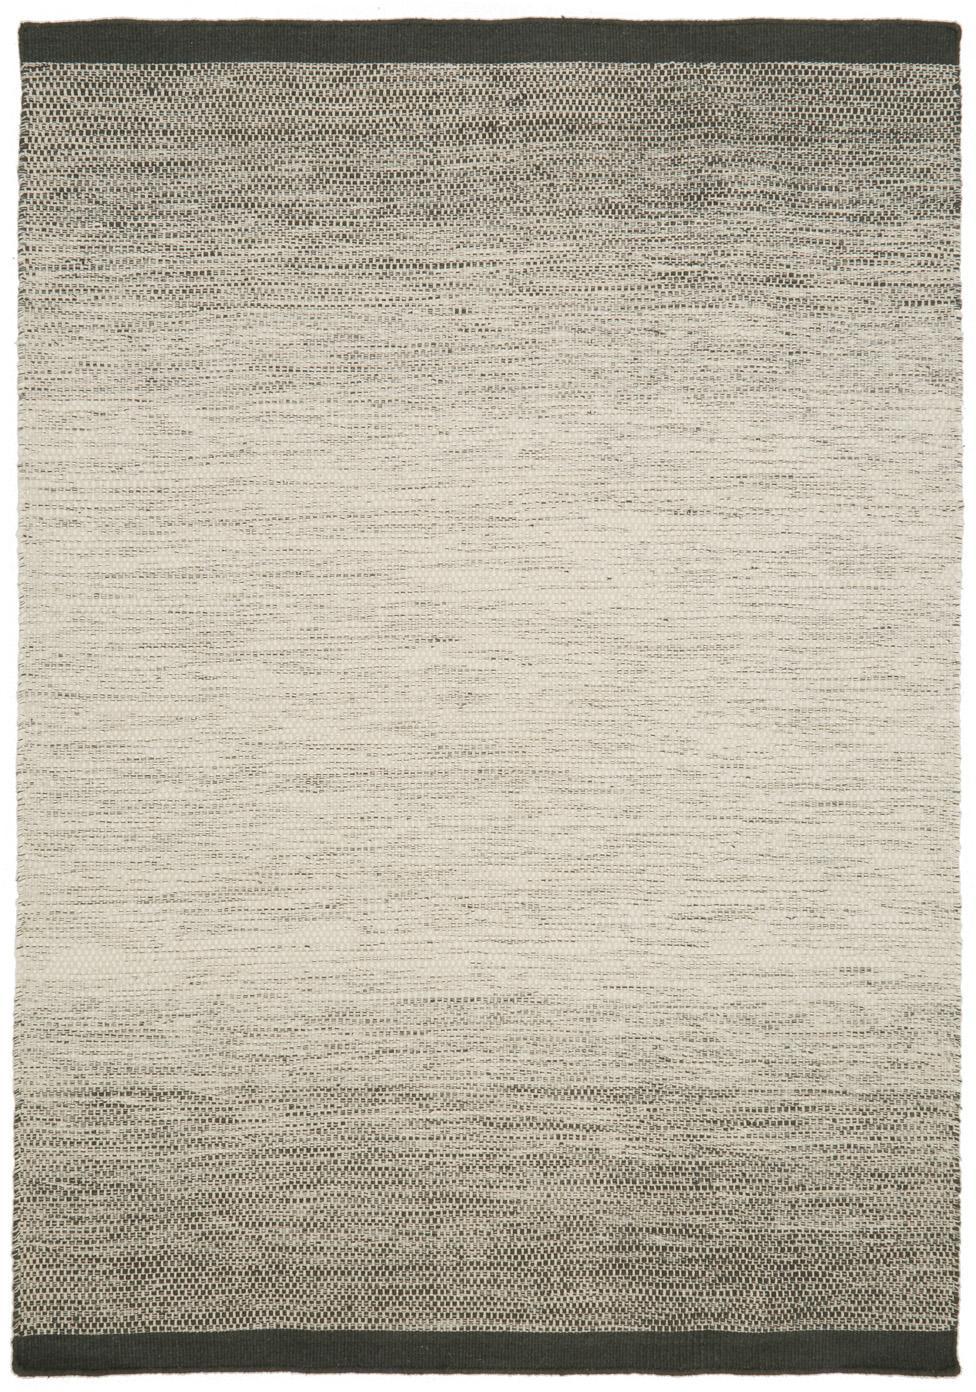 Handgewebter Wollteppich Lule mit Farbverlauf in Beige/Grün, 70% Wolle, 30% Baumwolle, Dunkelgrün, Beige, B 170 x L 240 cm (Größe M)